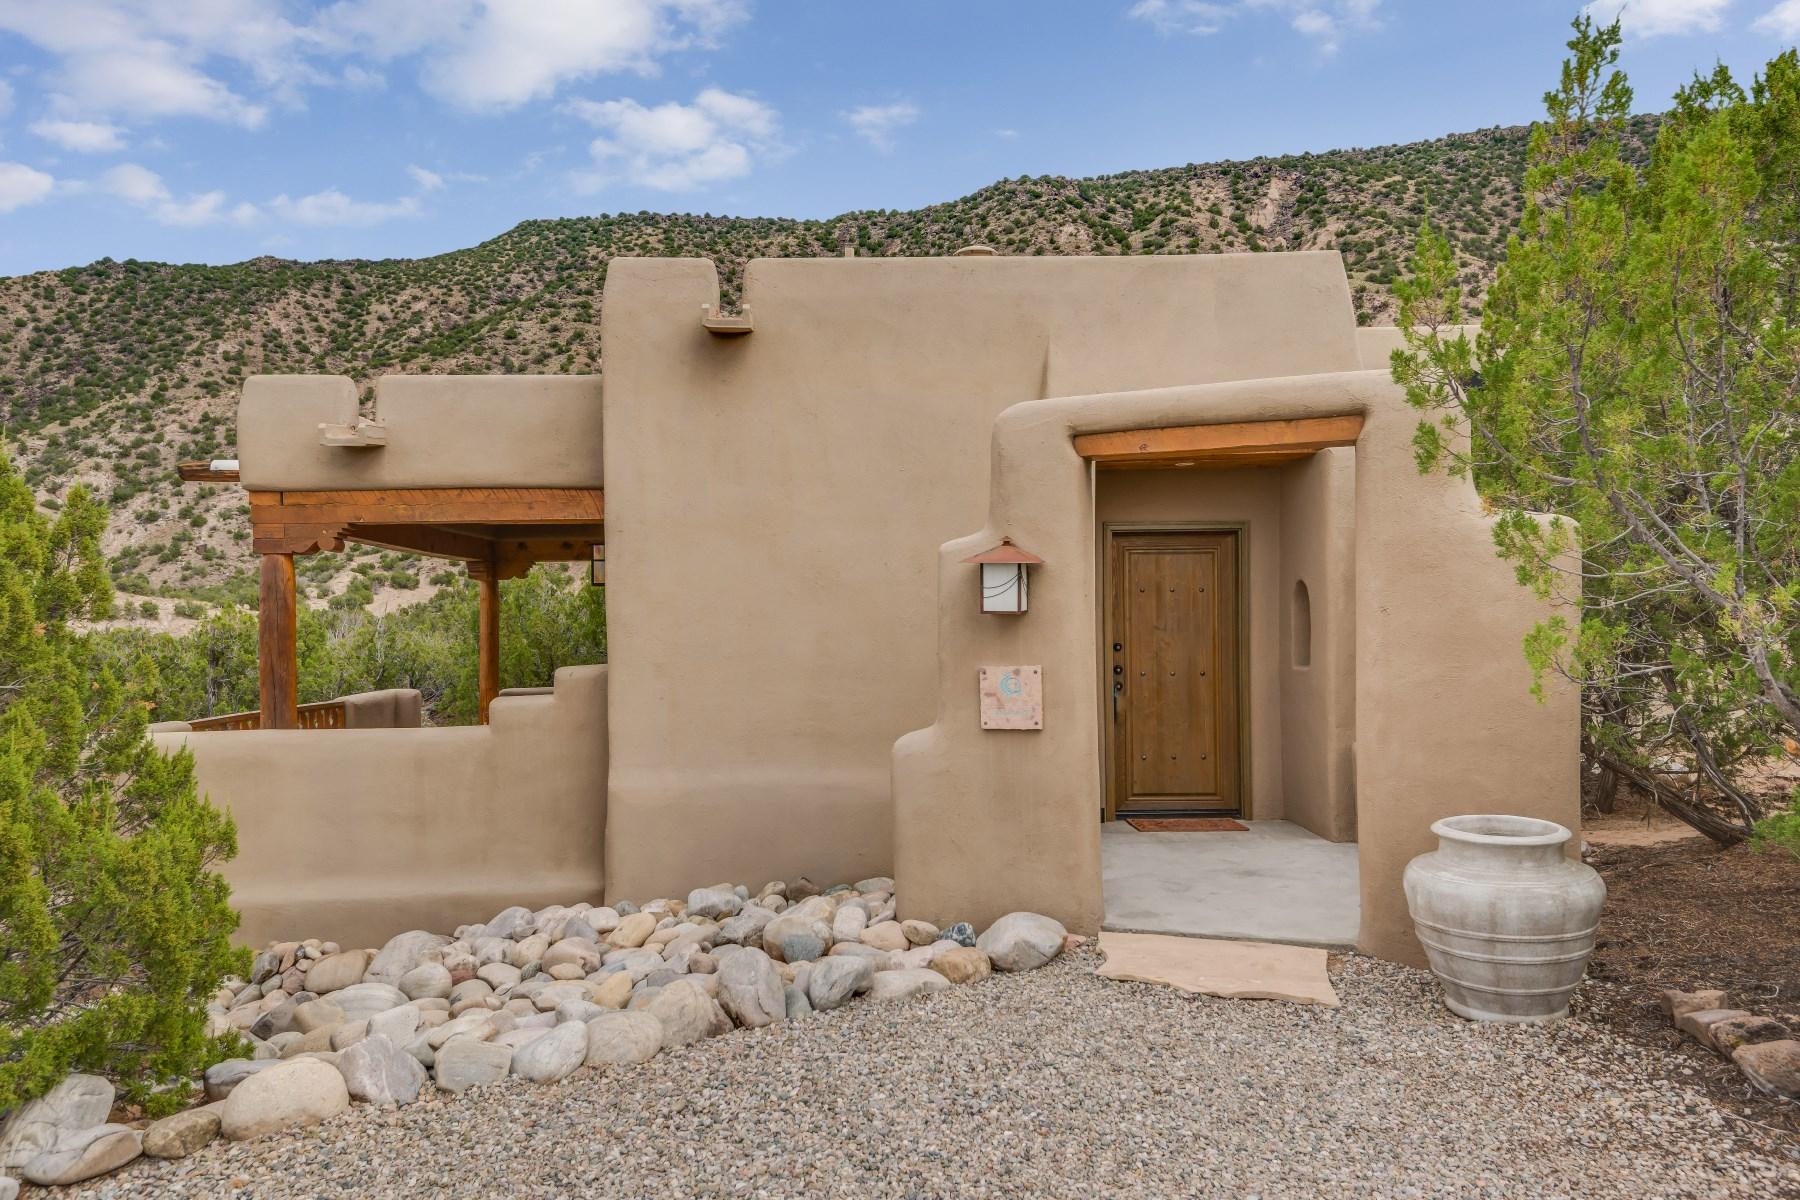 独户住宅 为 销售 在 5 Casita Drive 卡林特, 新墨西哥州, 87549 美国